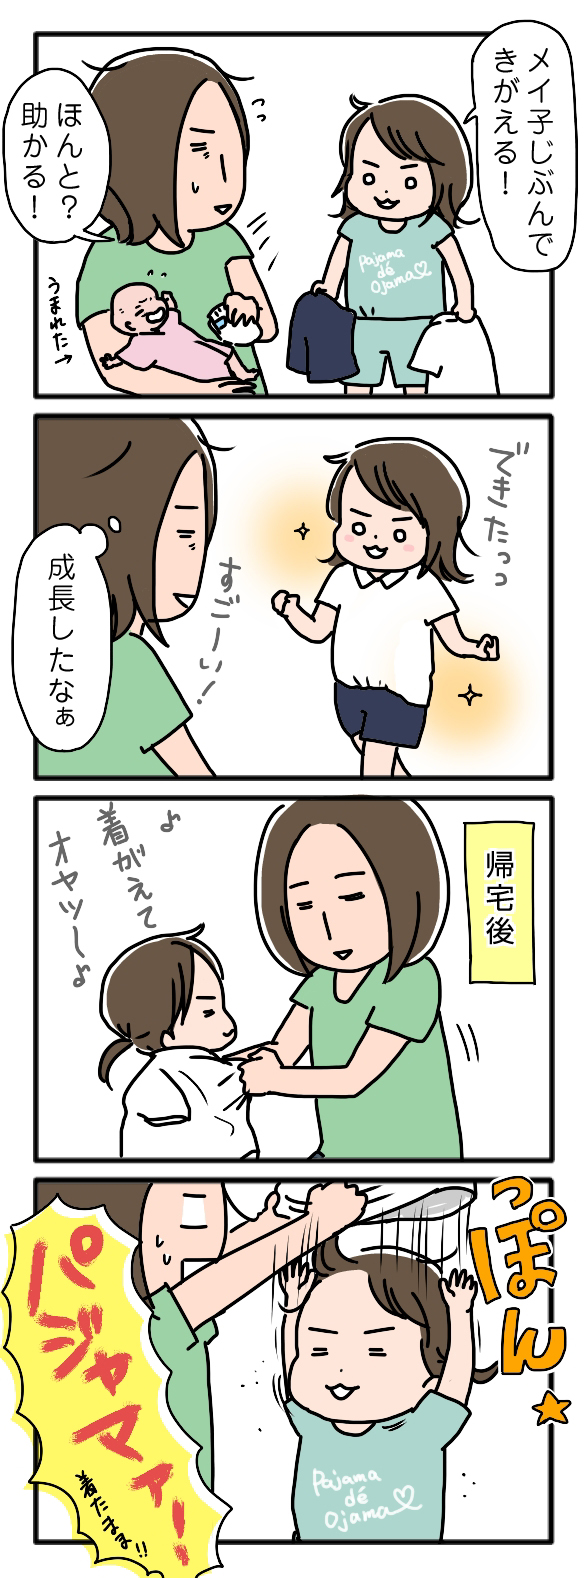 「じぶんで着替える!」という我が子の成長に感動・・・!と思ったら!? ~姉ちゃんは育児中 年少編5~の画像1